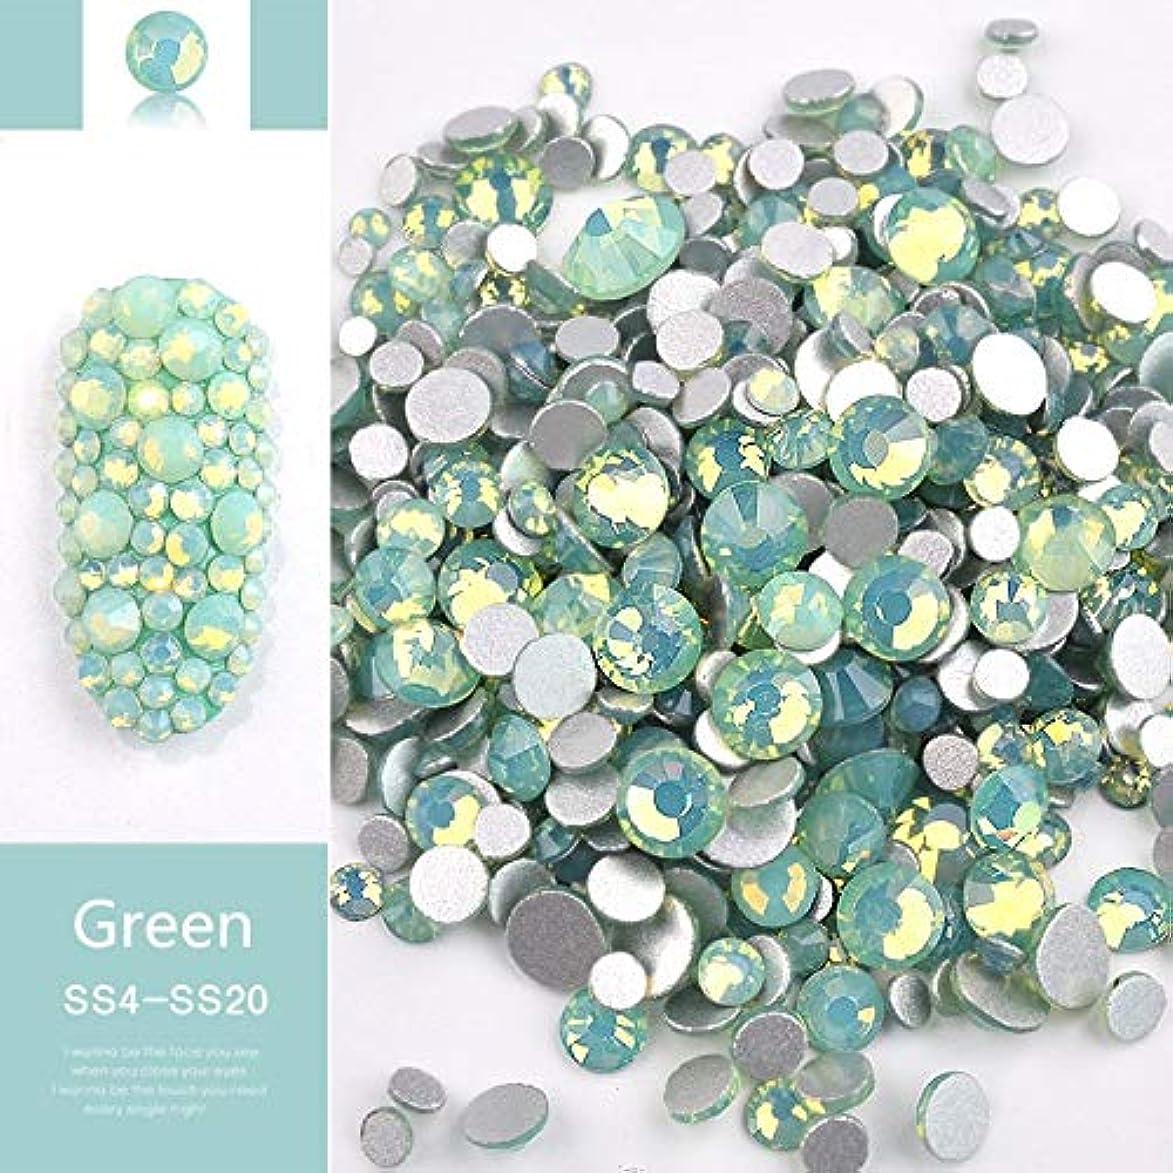 順番アカウント加害者Jiaoran ビーズ樹脂クリスタルラウンドネイルアートミックスフラットバックアクリルラインストーンミックスサイズ1.5-4.5 mm装飾用ネイル (Color : Green)